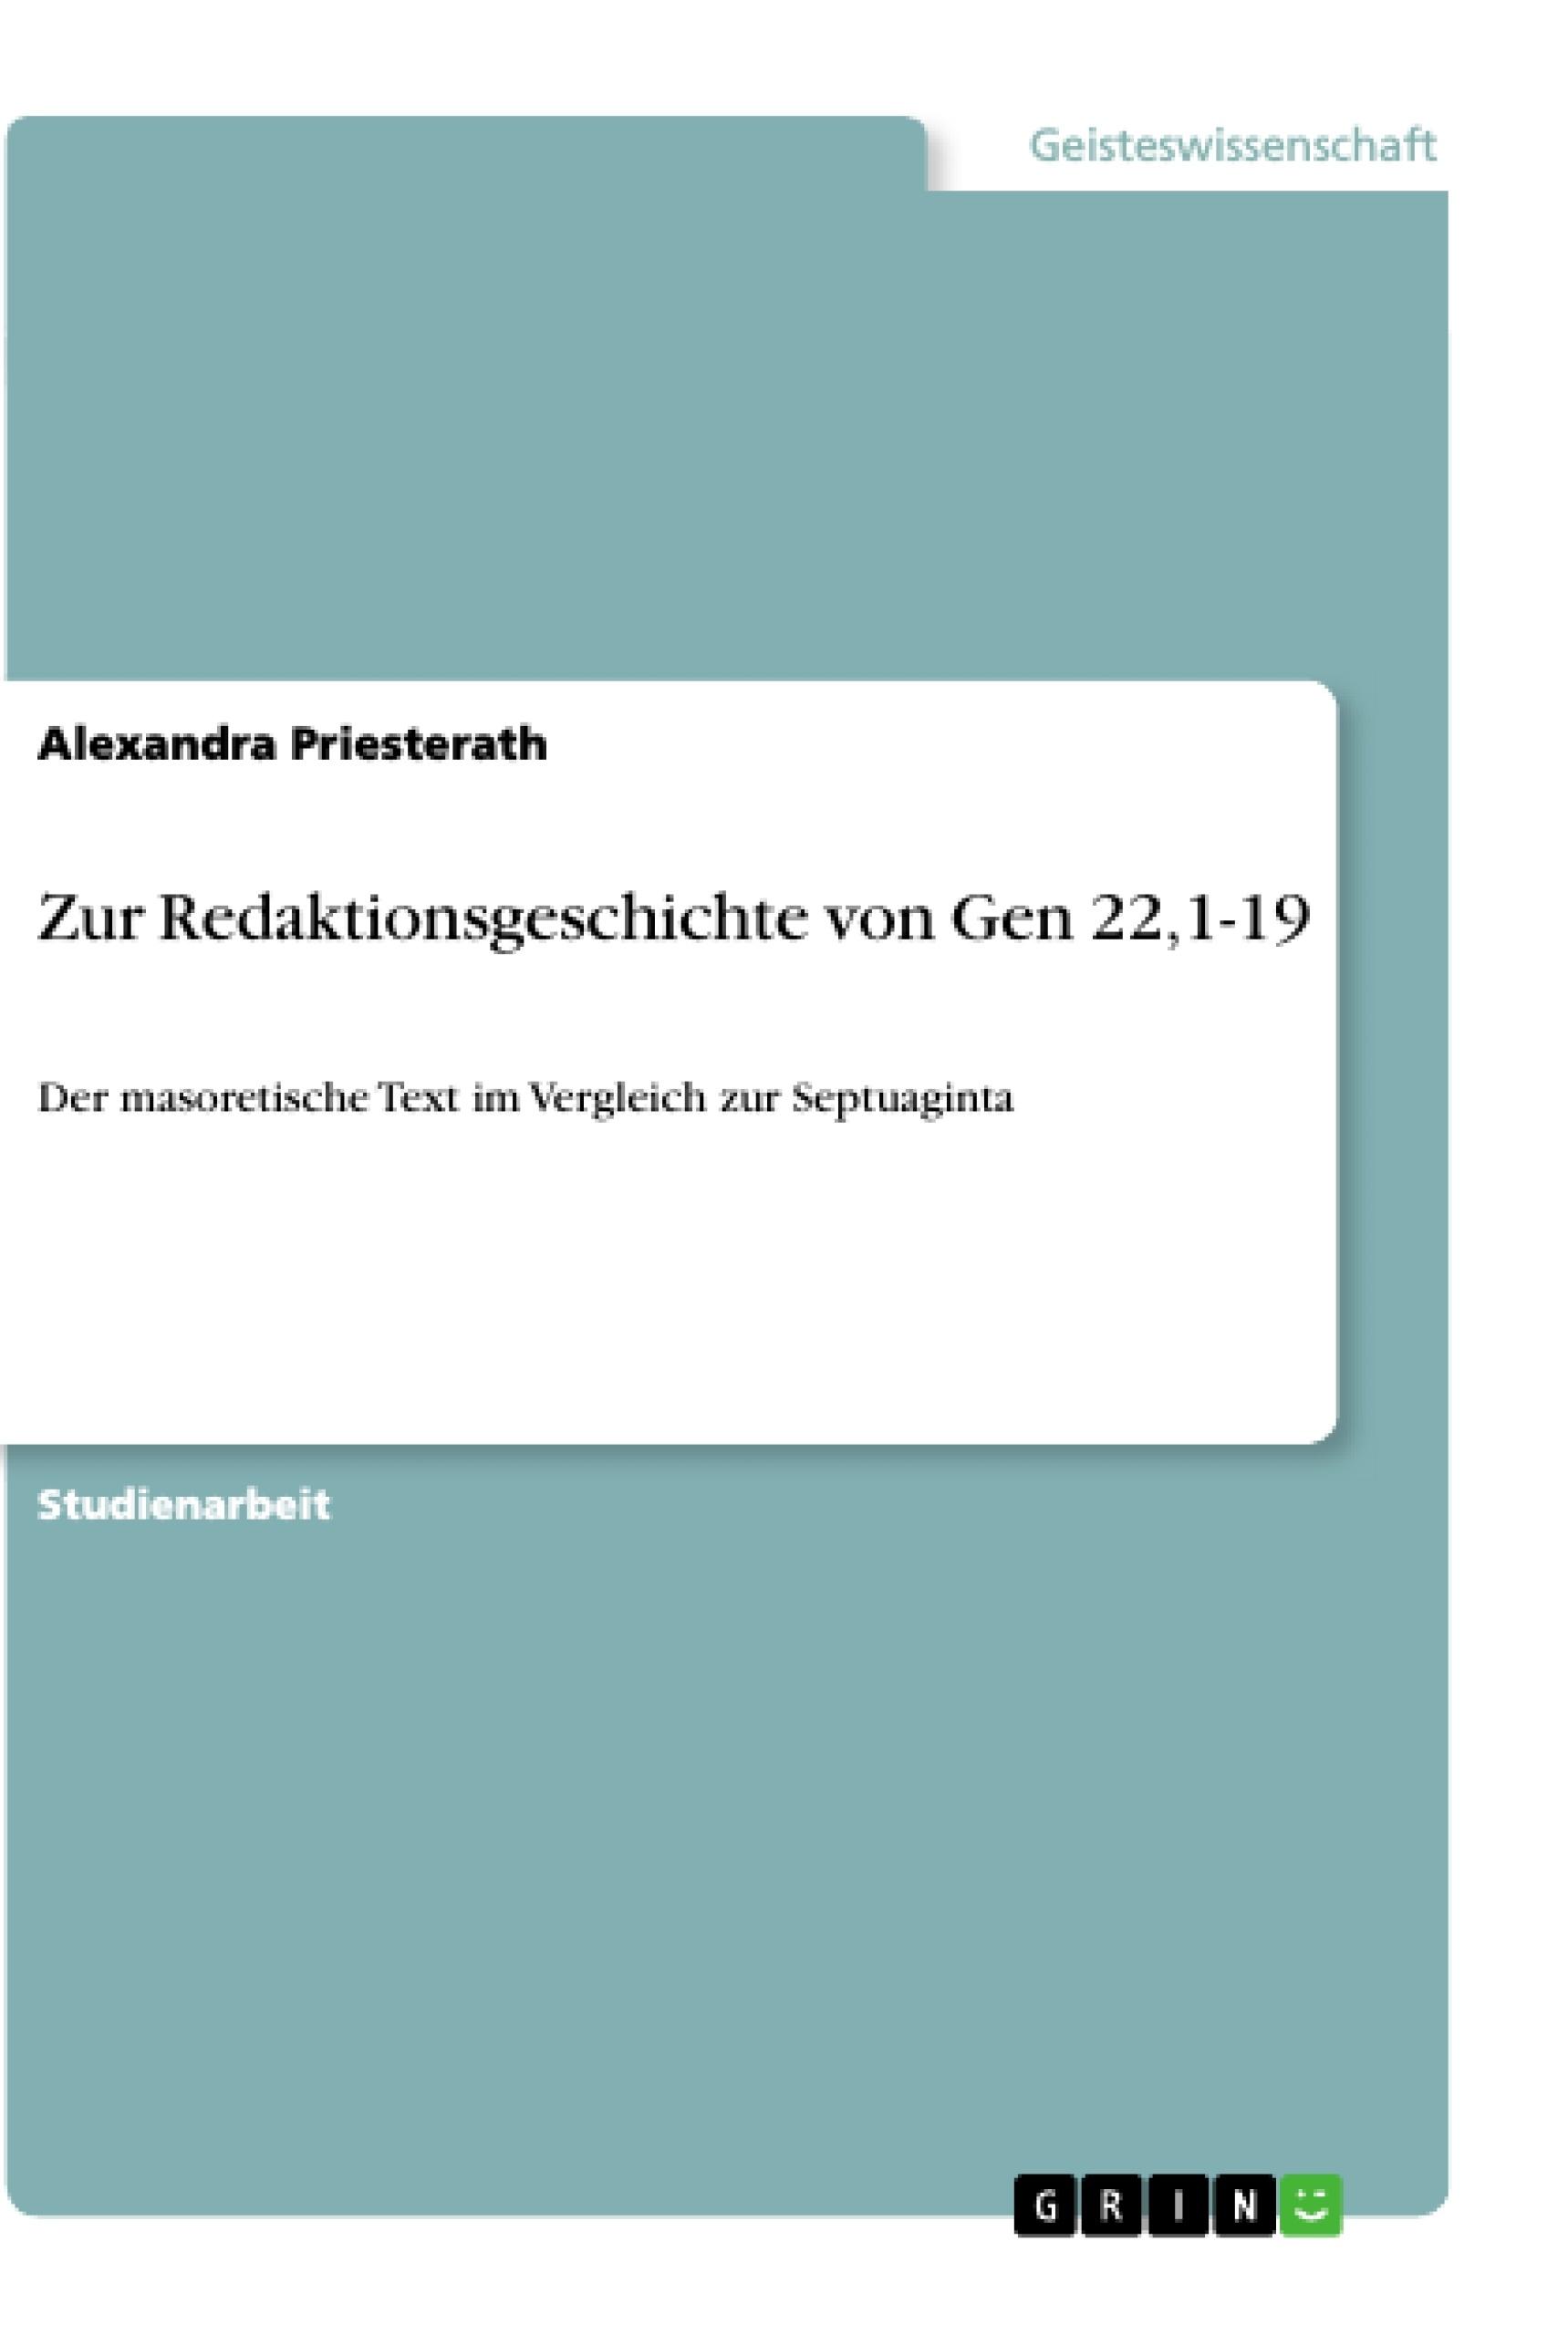 Titel: Zur Redaktionsgeschichte von Gen 22,1-19